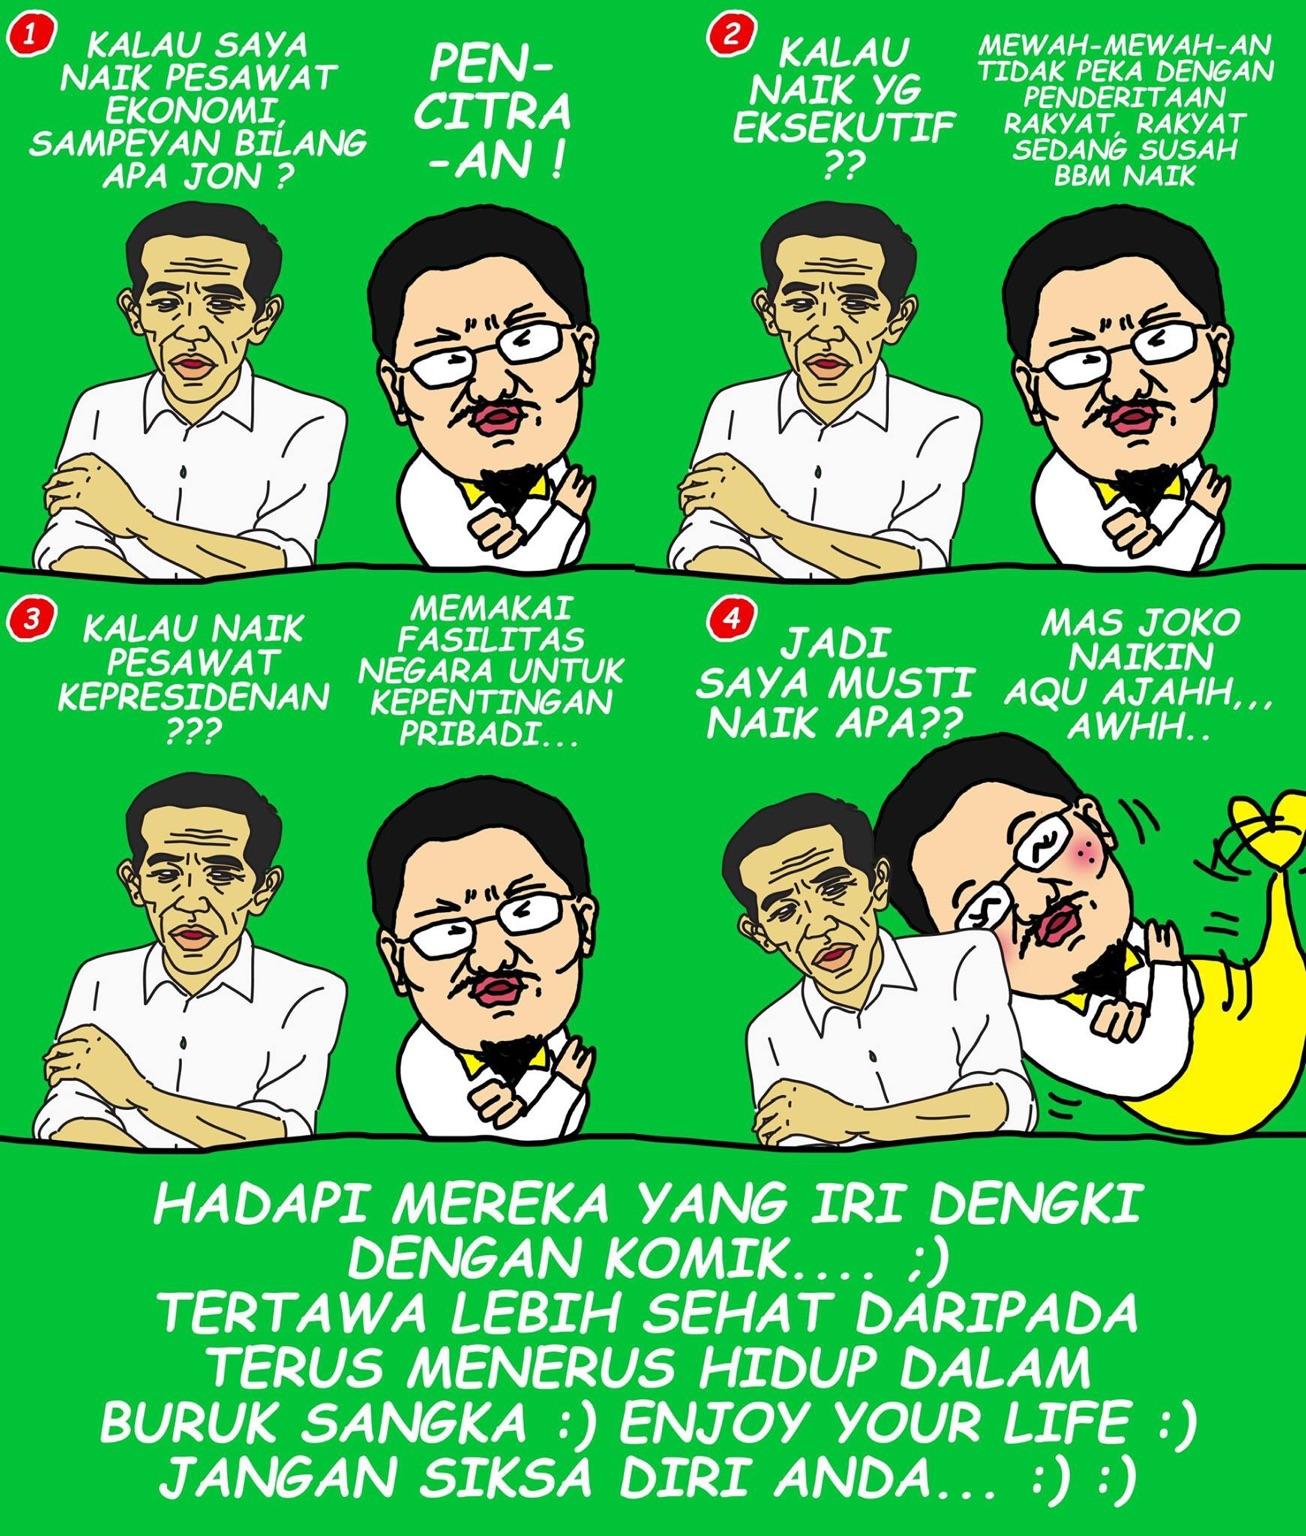 52 Gambar Dp Bbm Jokowi Kumpulan Gambar DP BBM